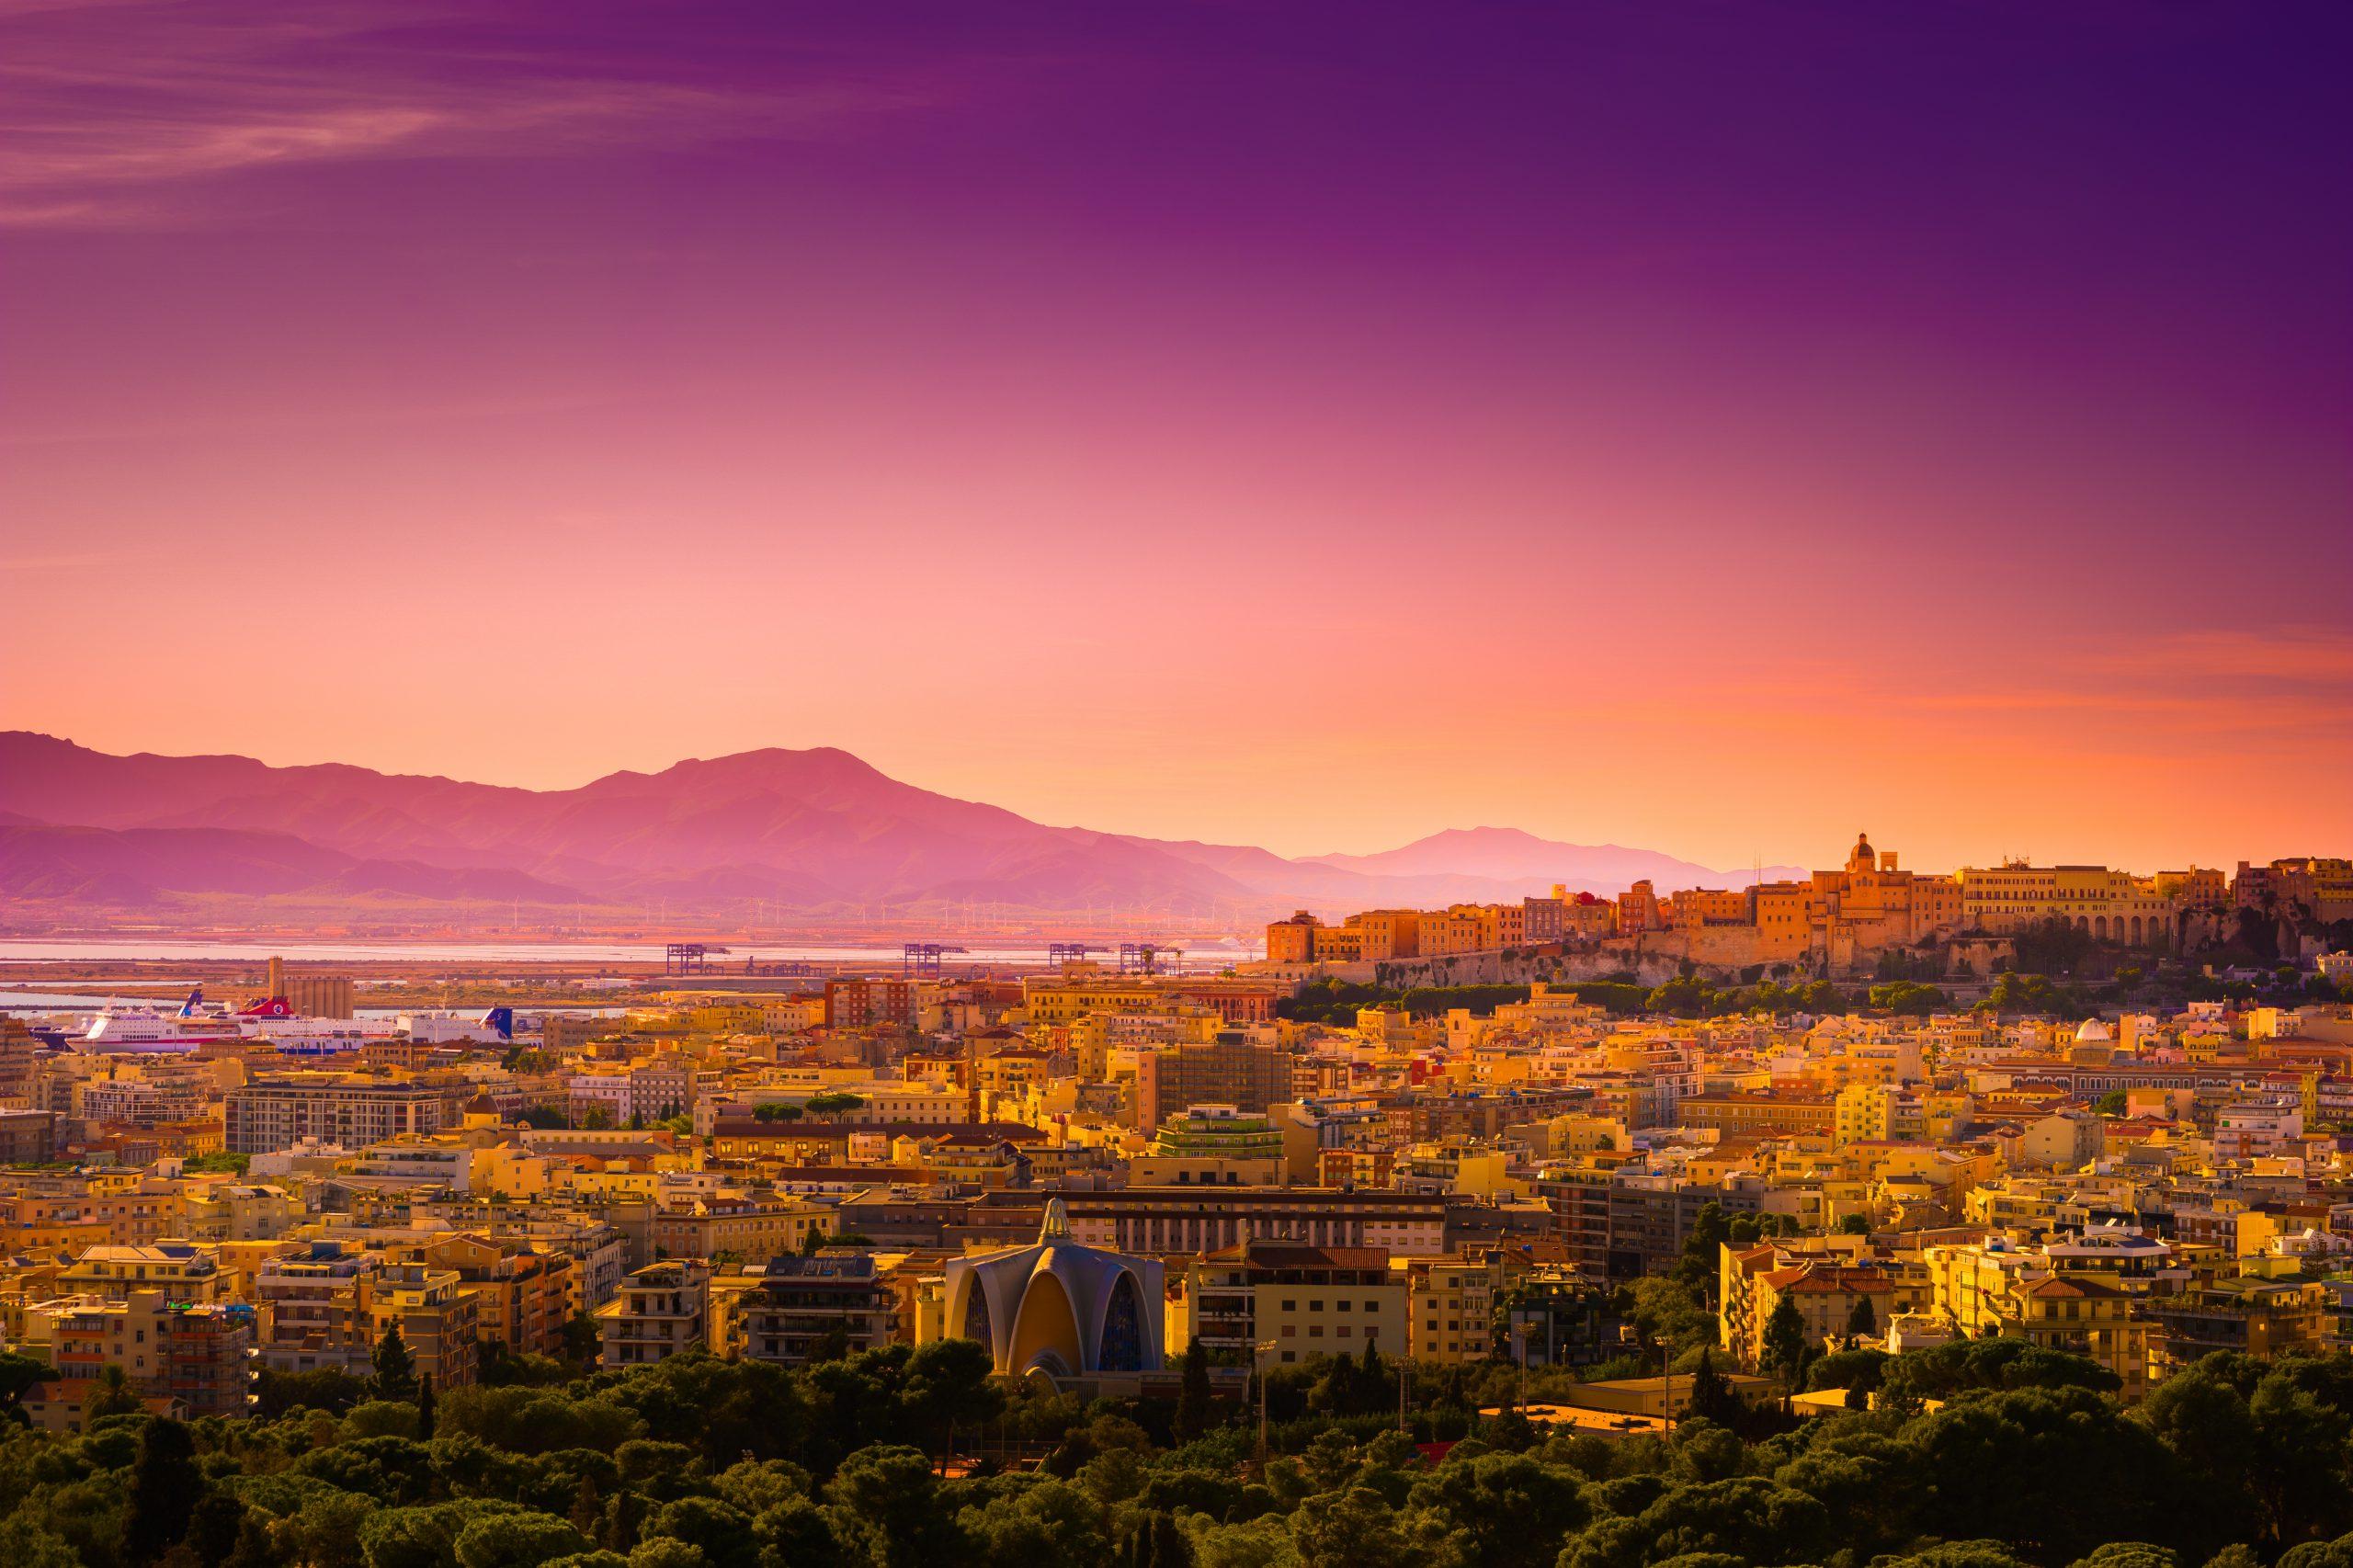 Cagliarii - najlepsze hotele i noclegi nad morzem